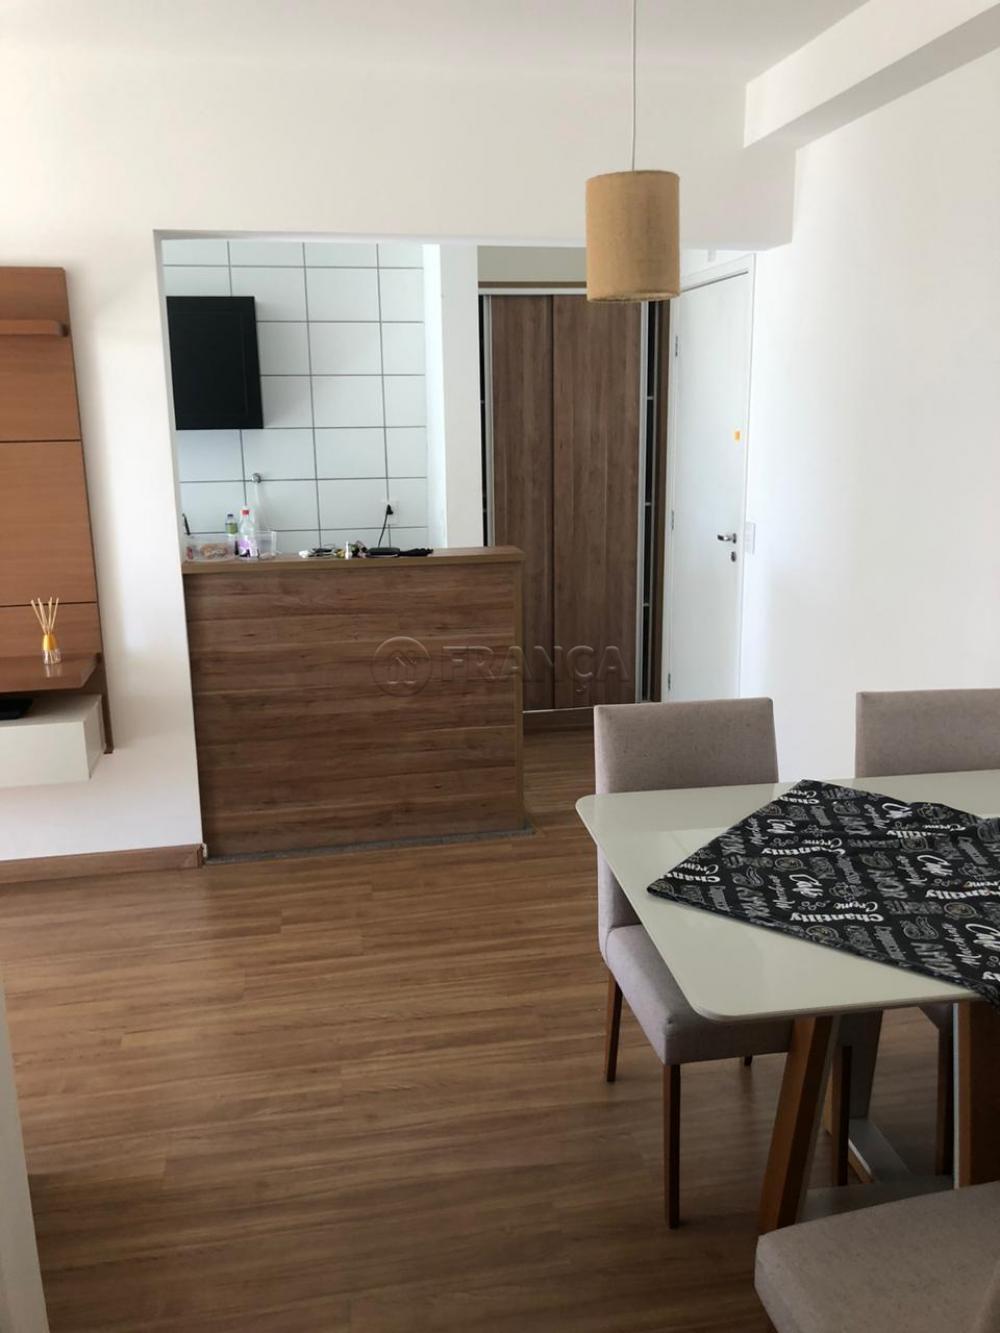 Alugar Apartamento / Padrão em Jacareí apenas R$ 1.650,00 - Foto 2